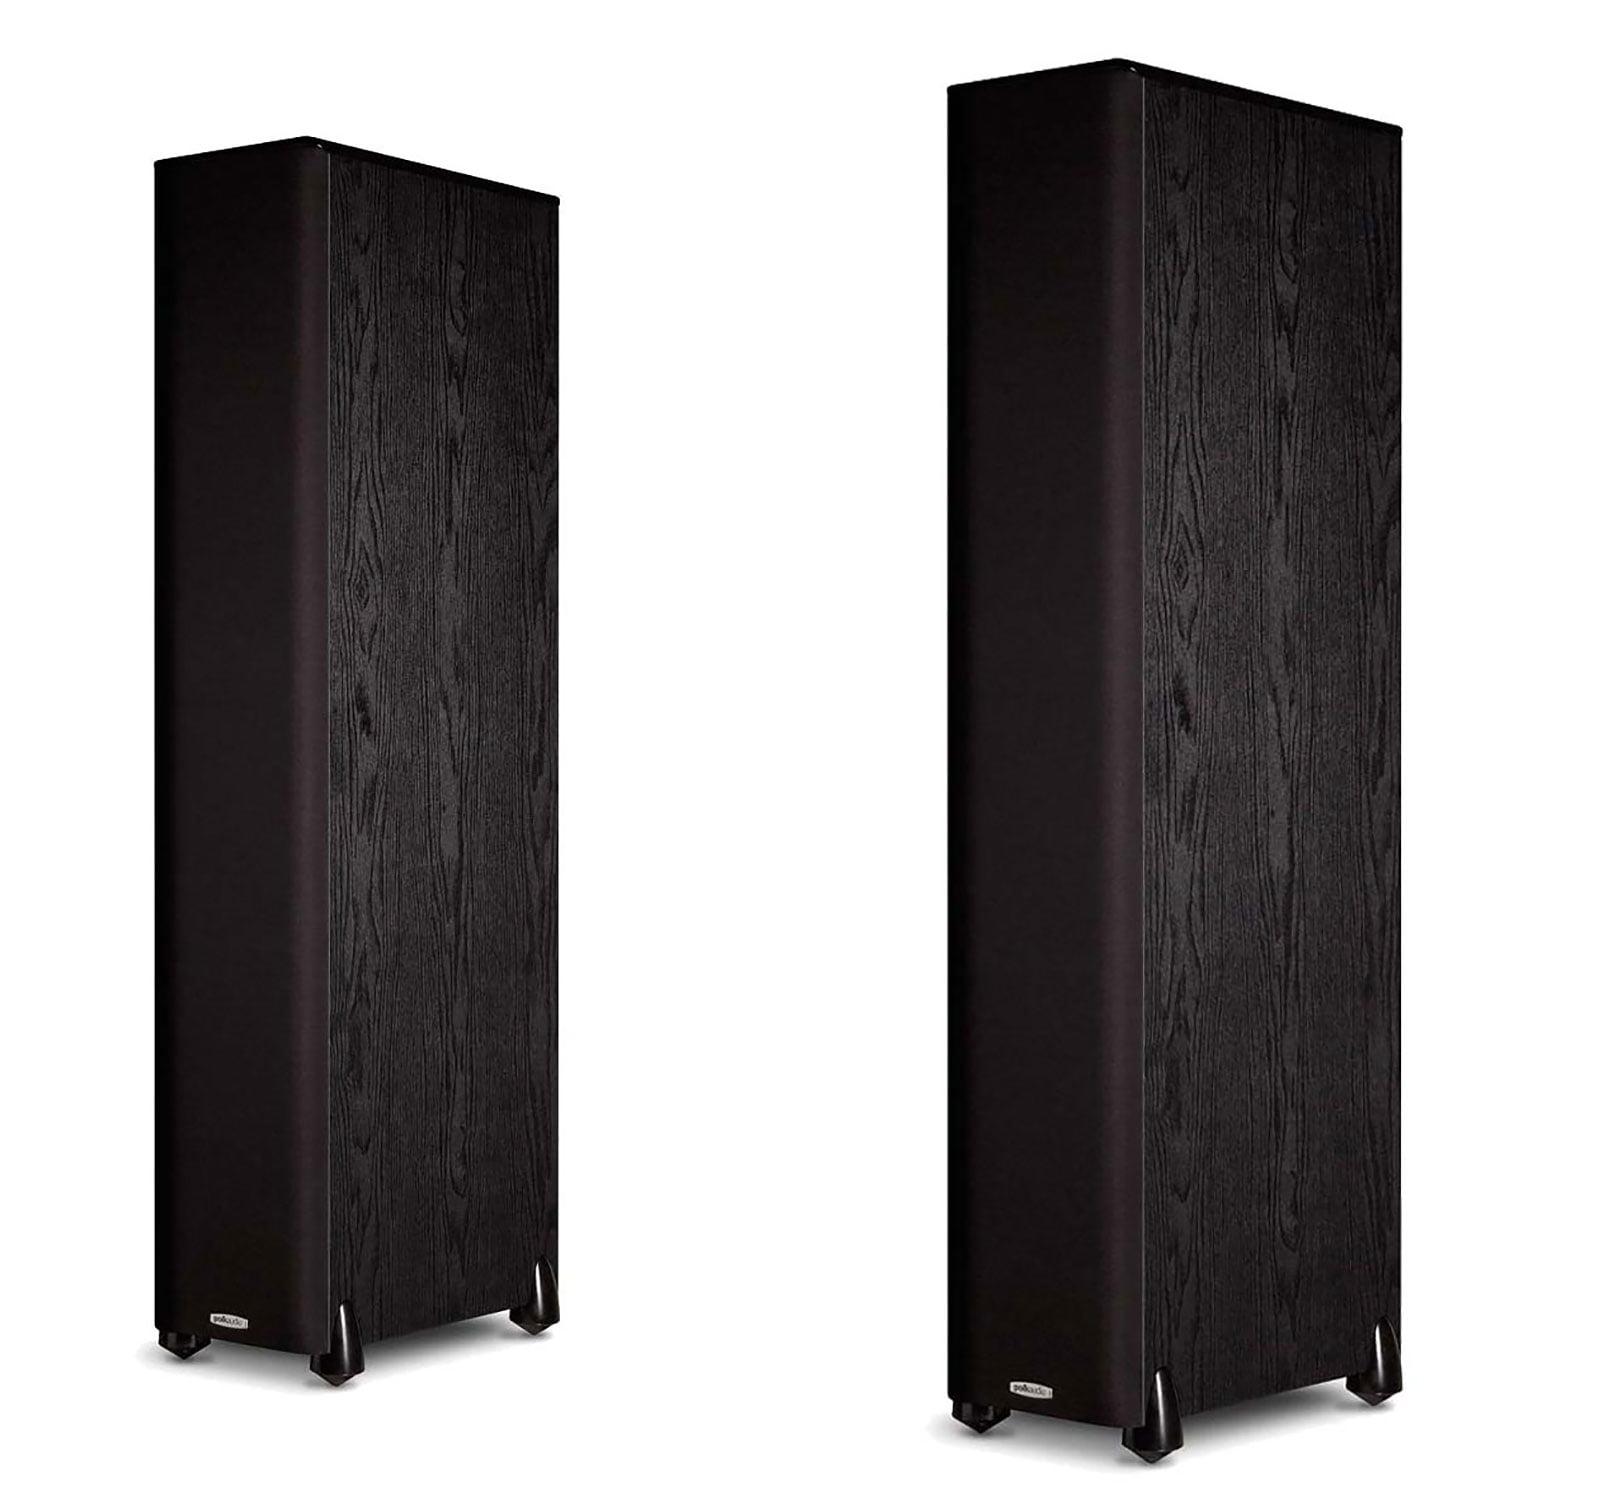 JBL Polk Audio TSi 500 Black - (Pair) 2-Way Tower Loudpeakers